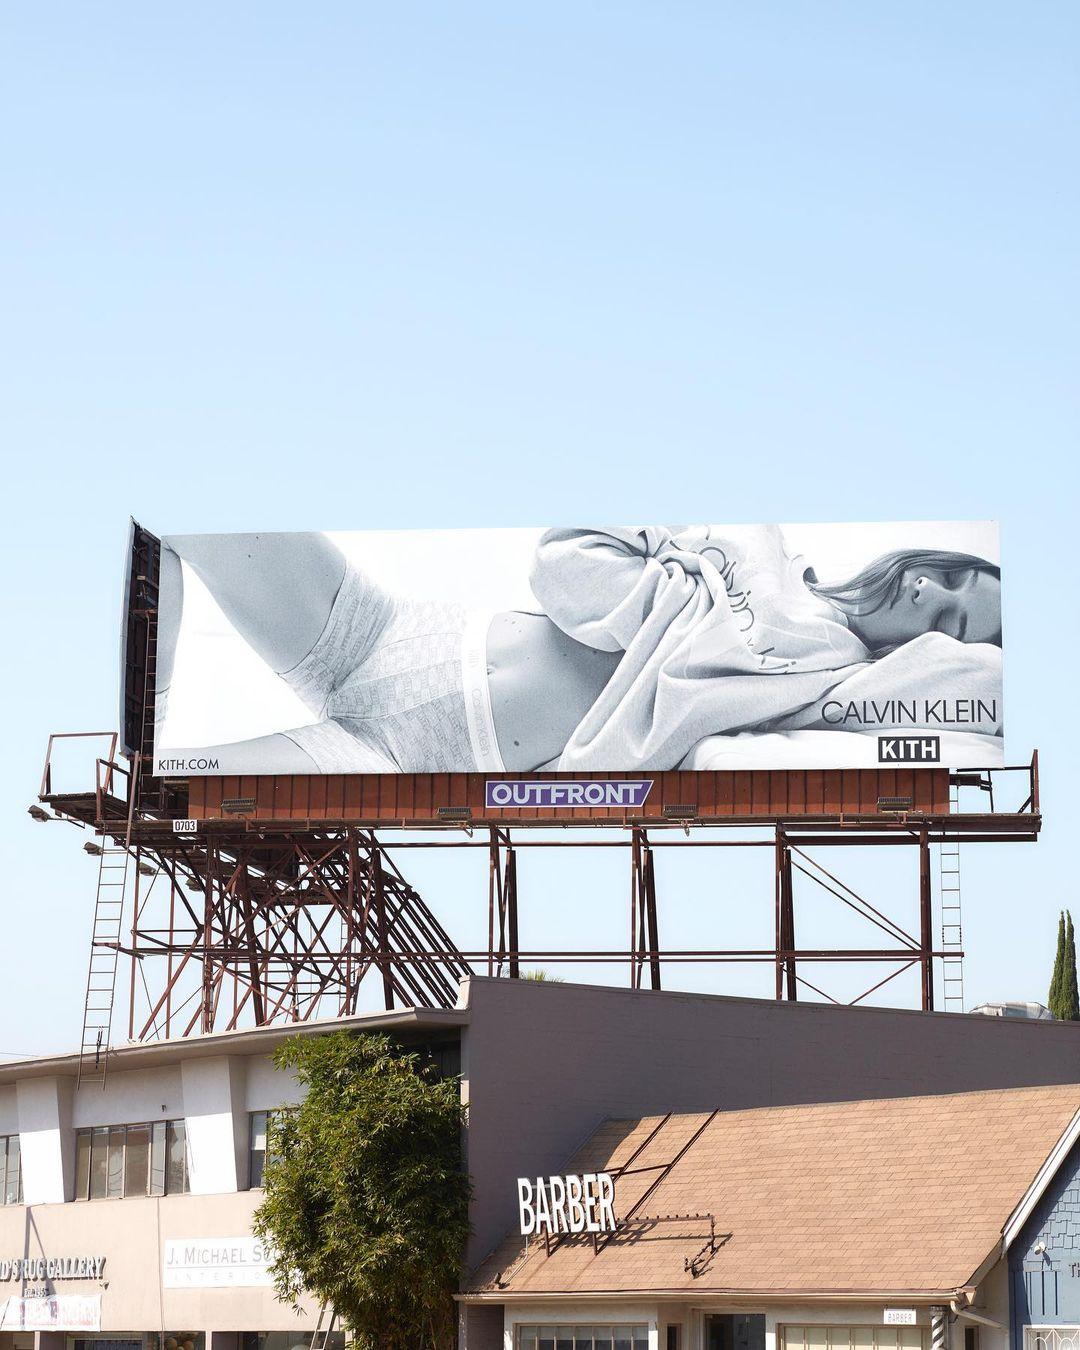 Джессика Ломакс — новая глава дизайна Calvin Klein. Где Джессика работала раньше и что о ней надо знать?